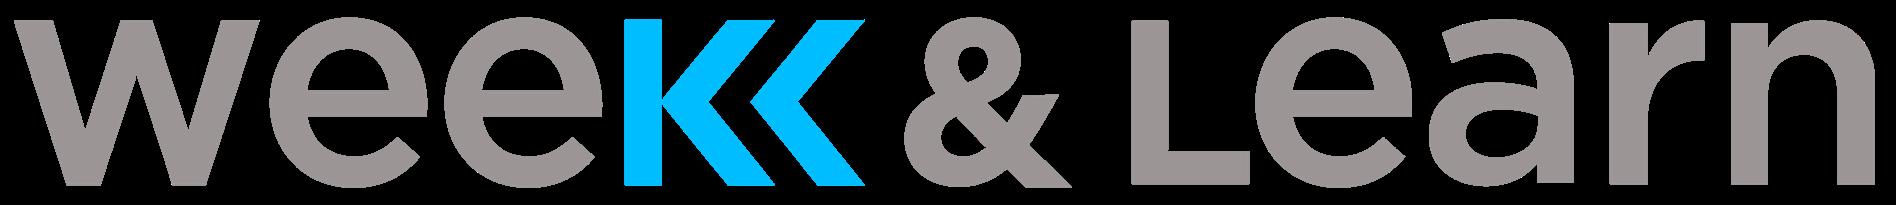 Logo couleur transparent